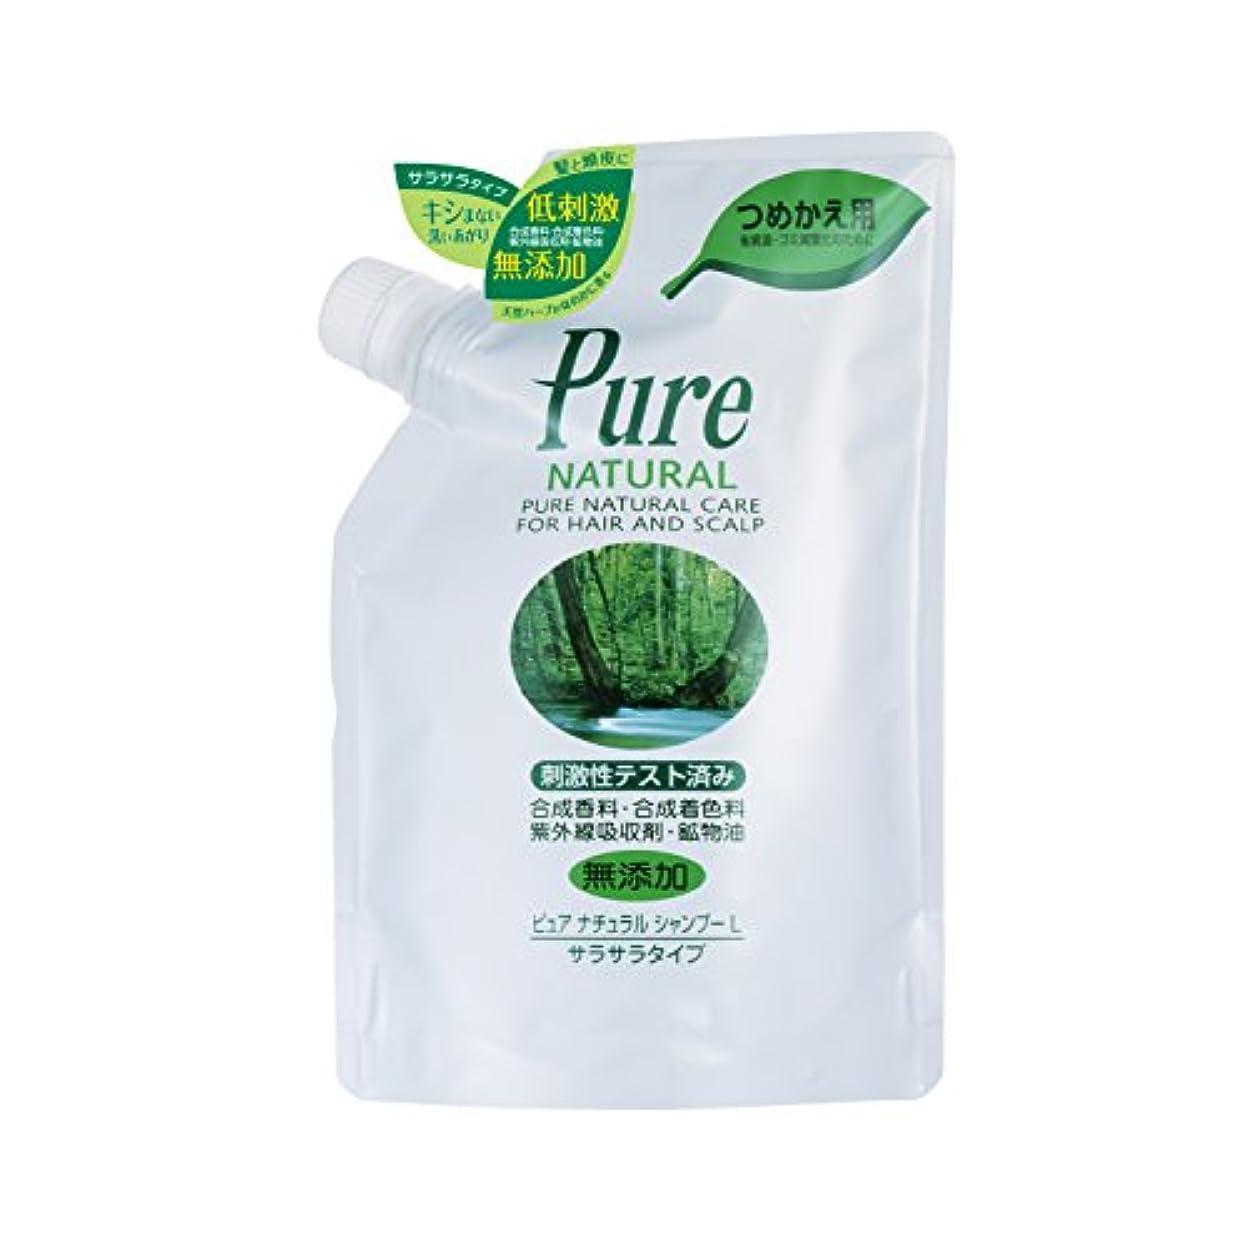 バリーデュアル不振Pure NATURAL(ピュアナチュラル) シャンプー L (サラサラタイプ) 詰替用400ml